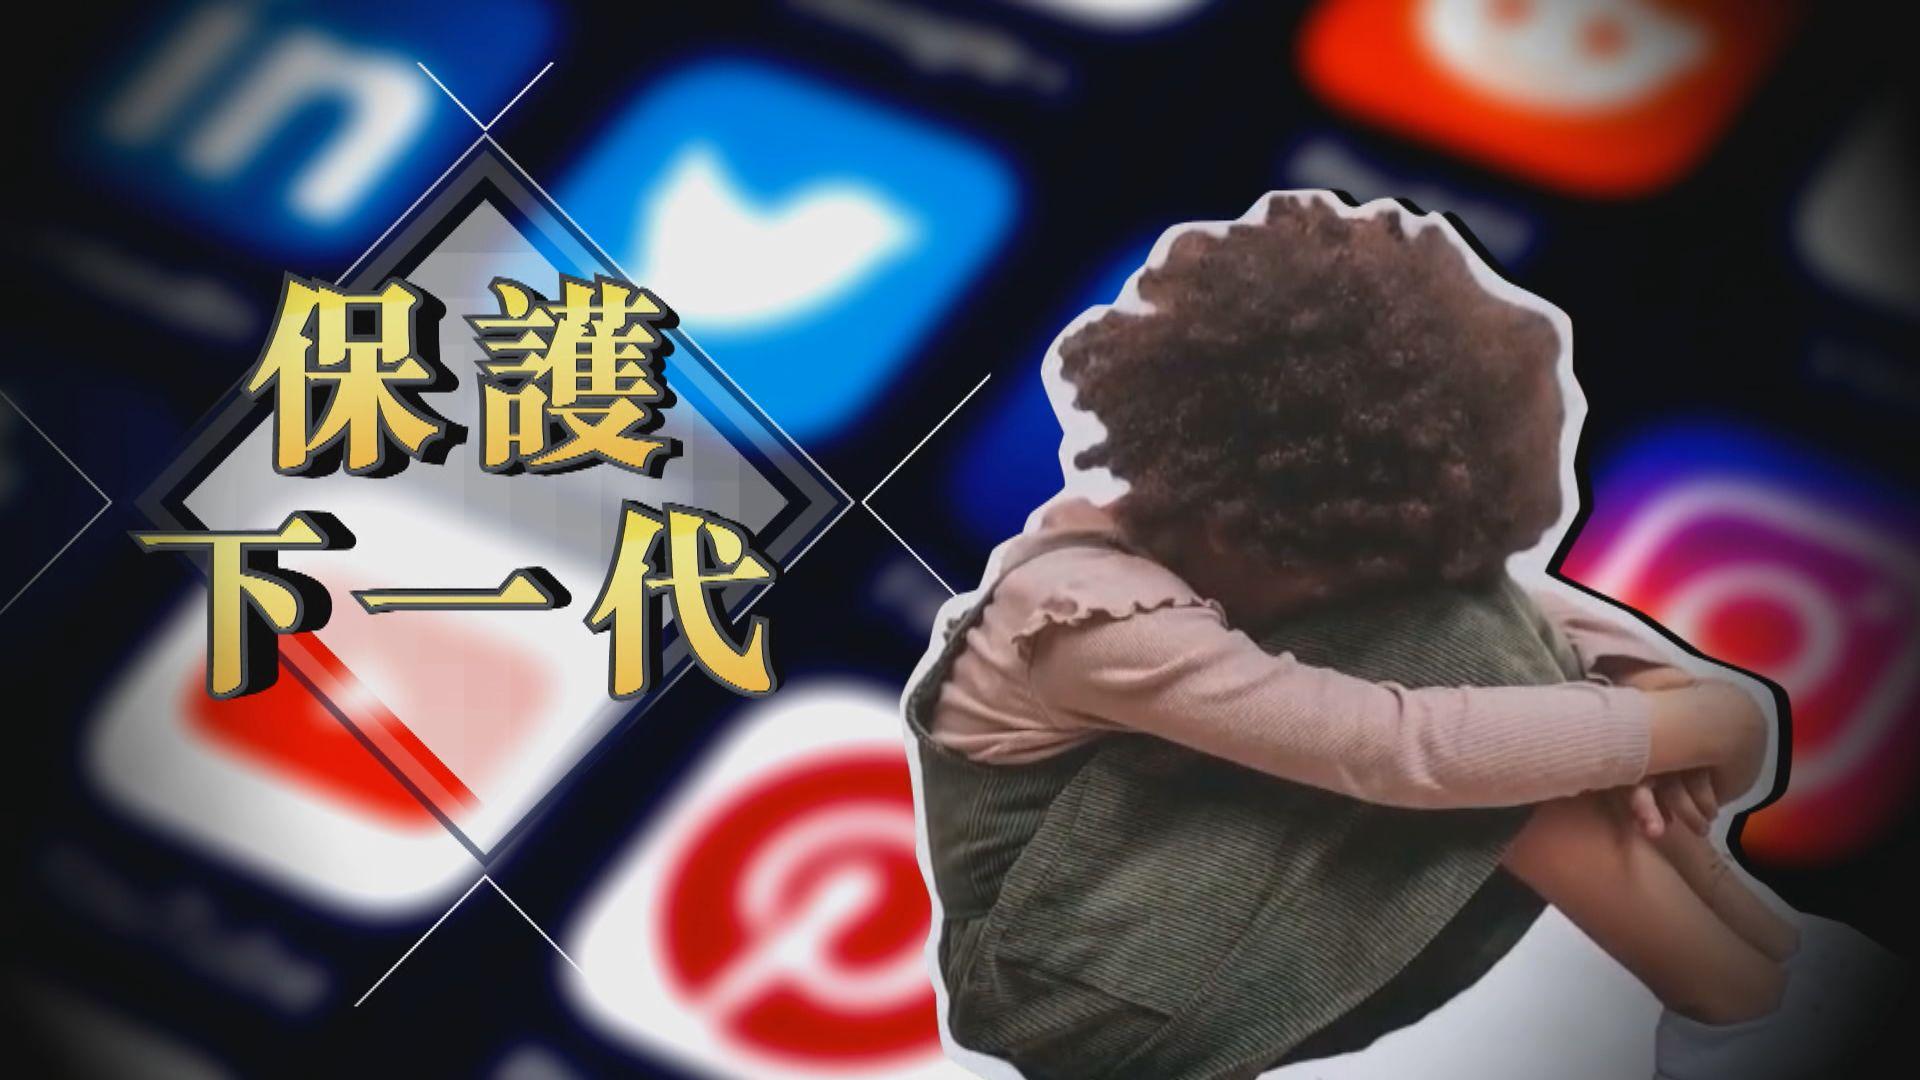 【新聞智庫】保護下一代